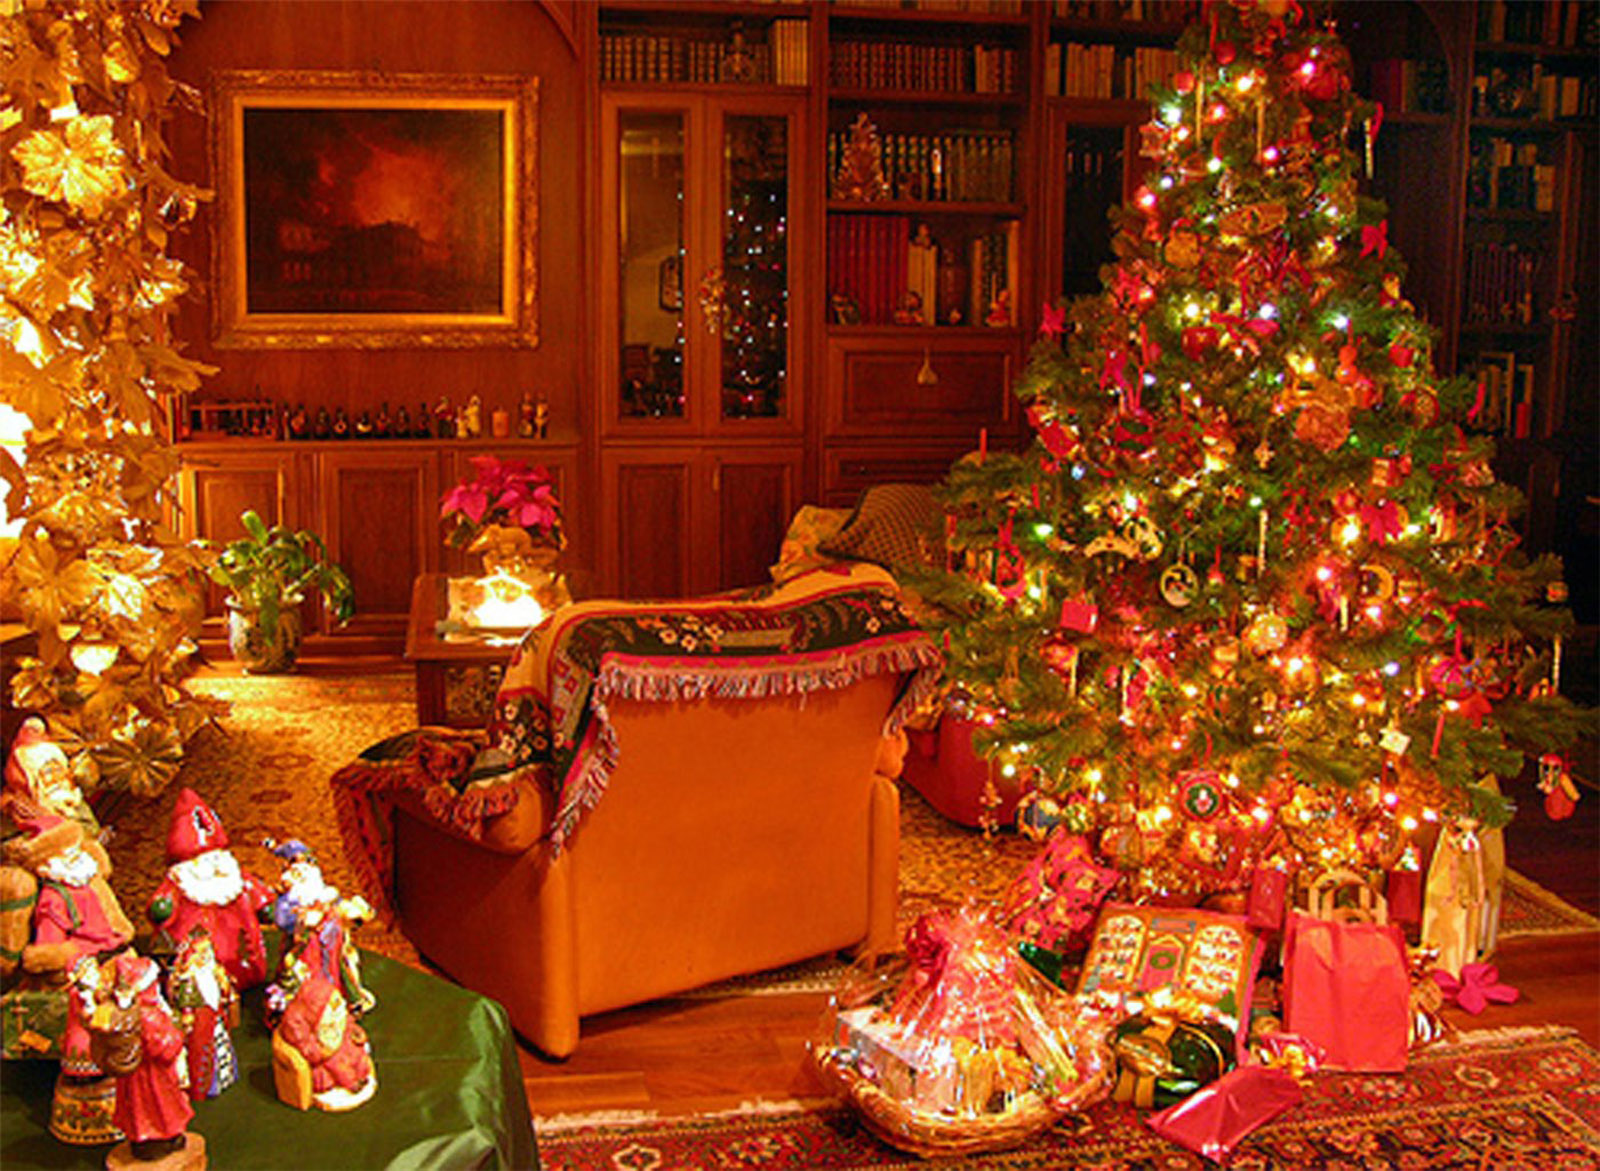 Новогодние обои на рабочий стол, новогодняя елка, скачать фото, New Year tree wallpaper